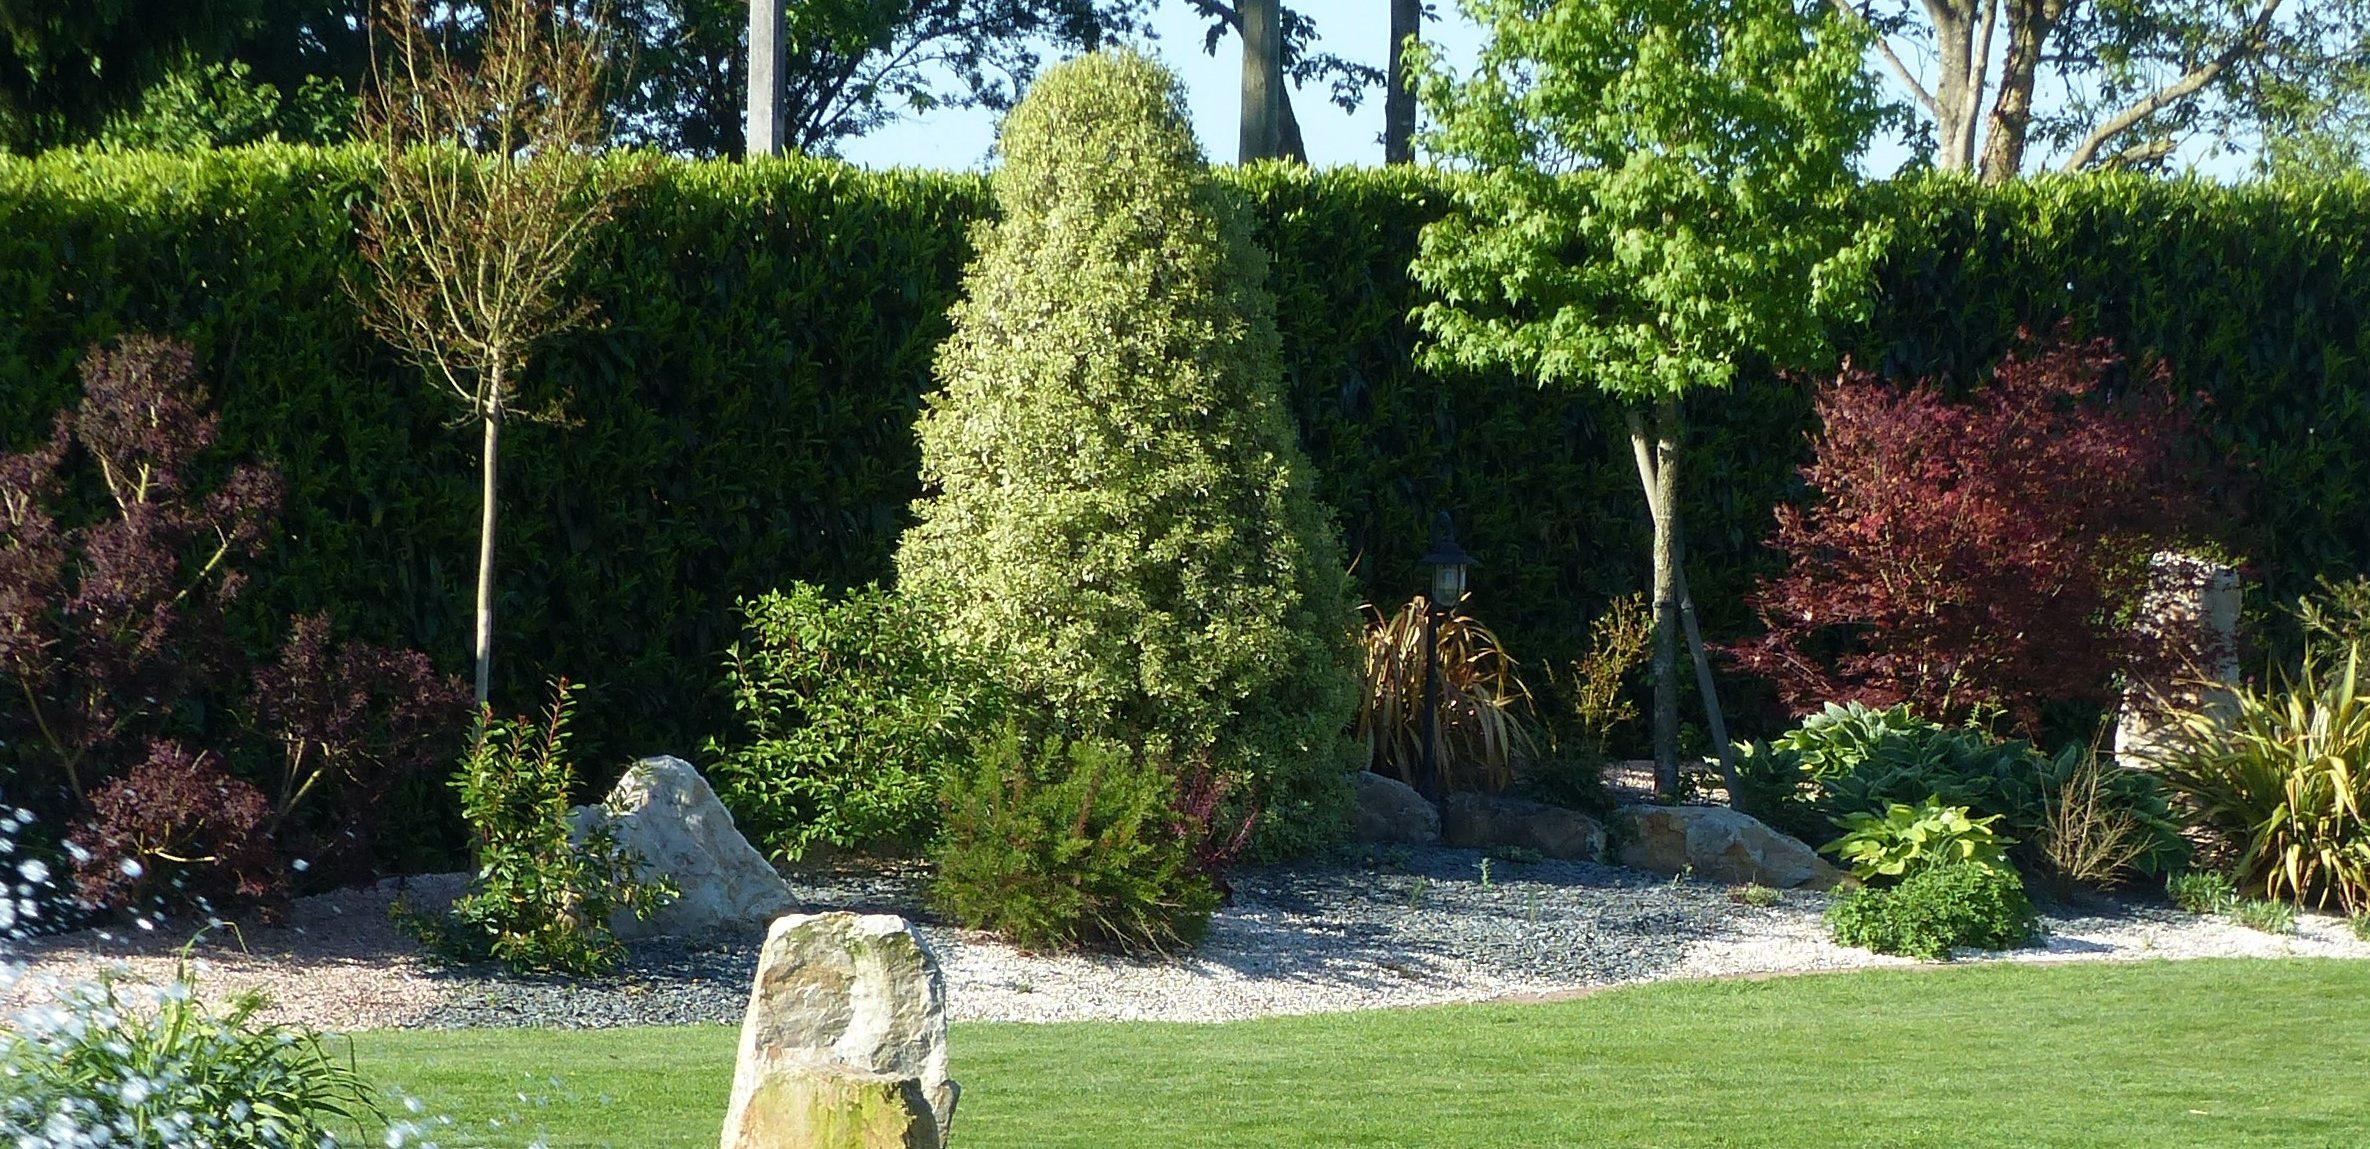 tonte scarification topiaire brochard paysage lassay les chateaux